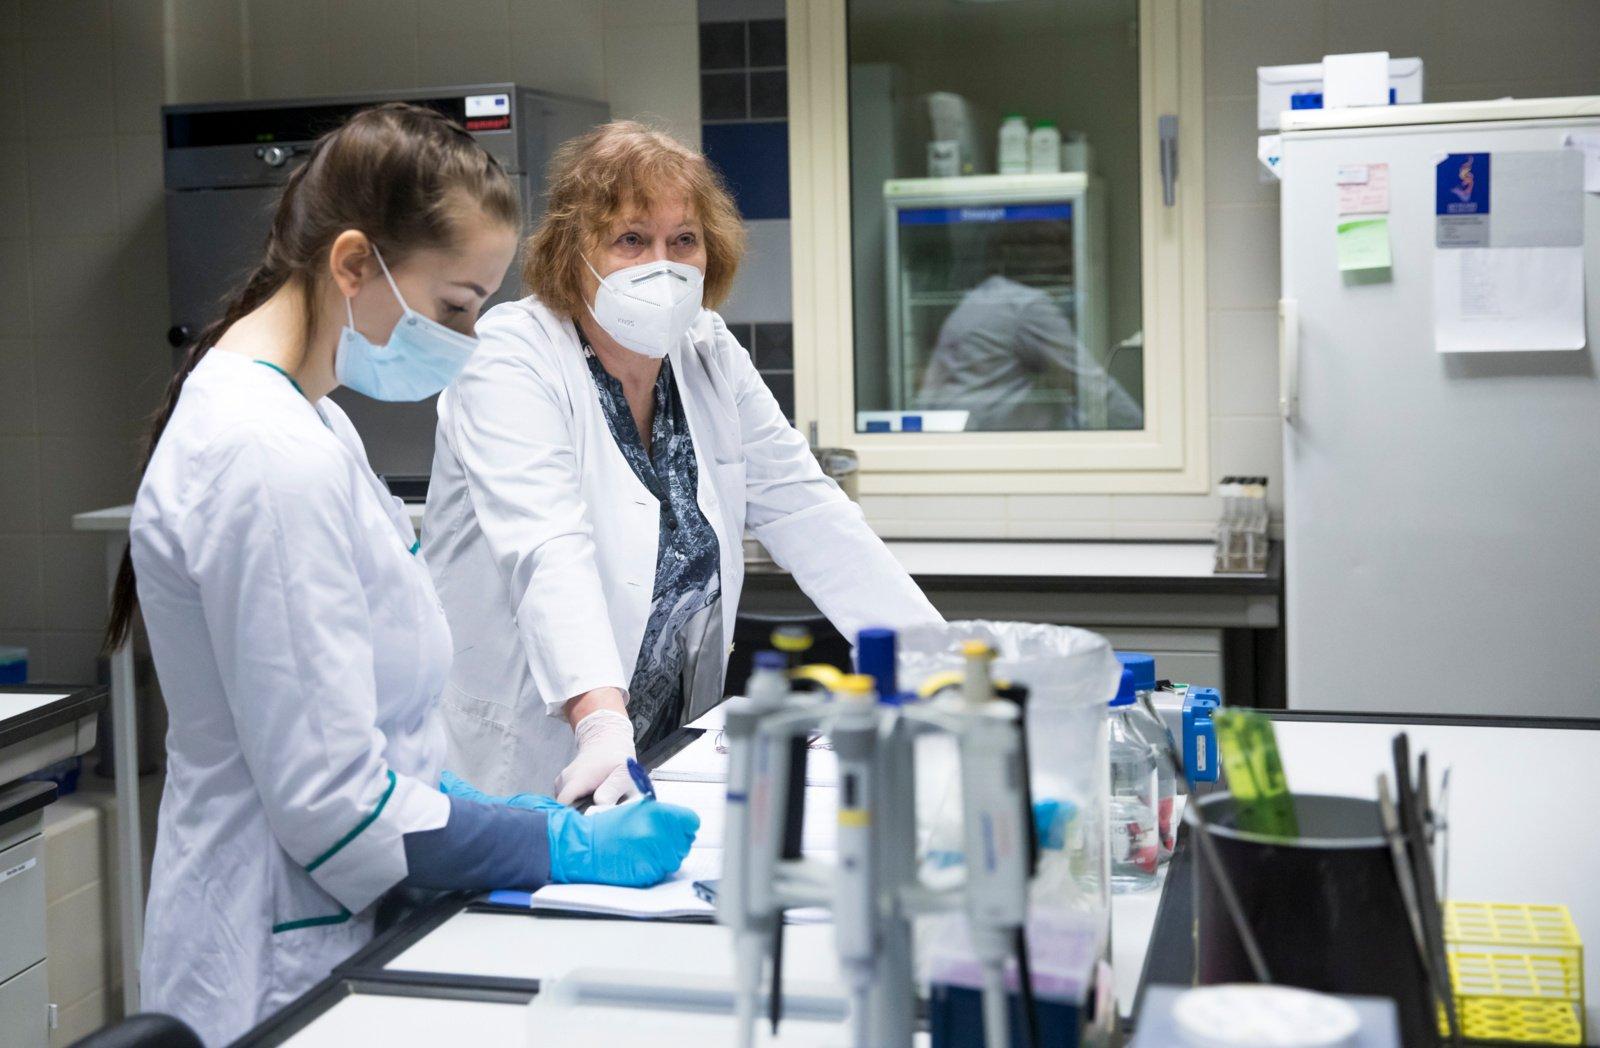 Lietuvoje fiksuojami nauji koronaviruso protrūkiai, dalies užikrėtimų aplinkybių nustatyti nepavyksta